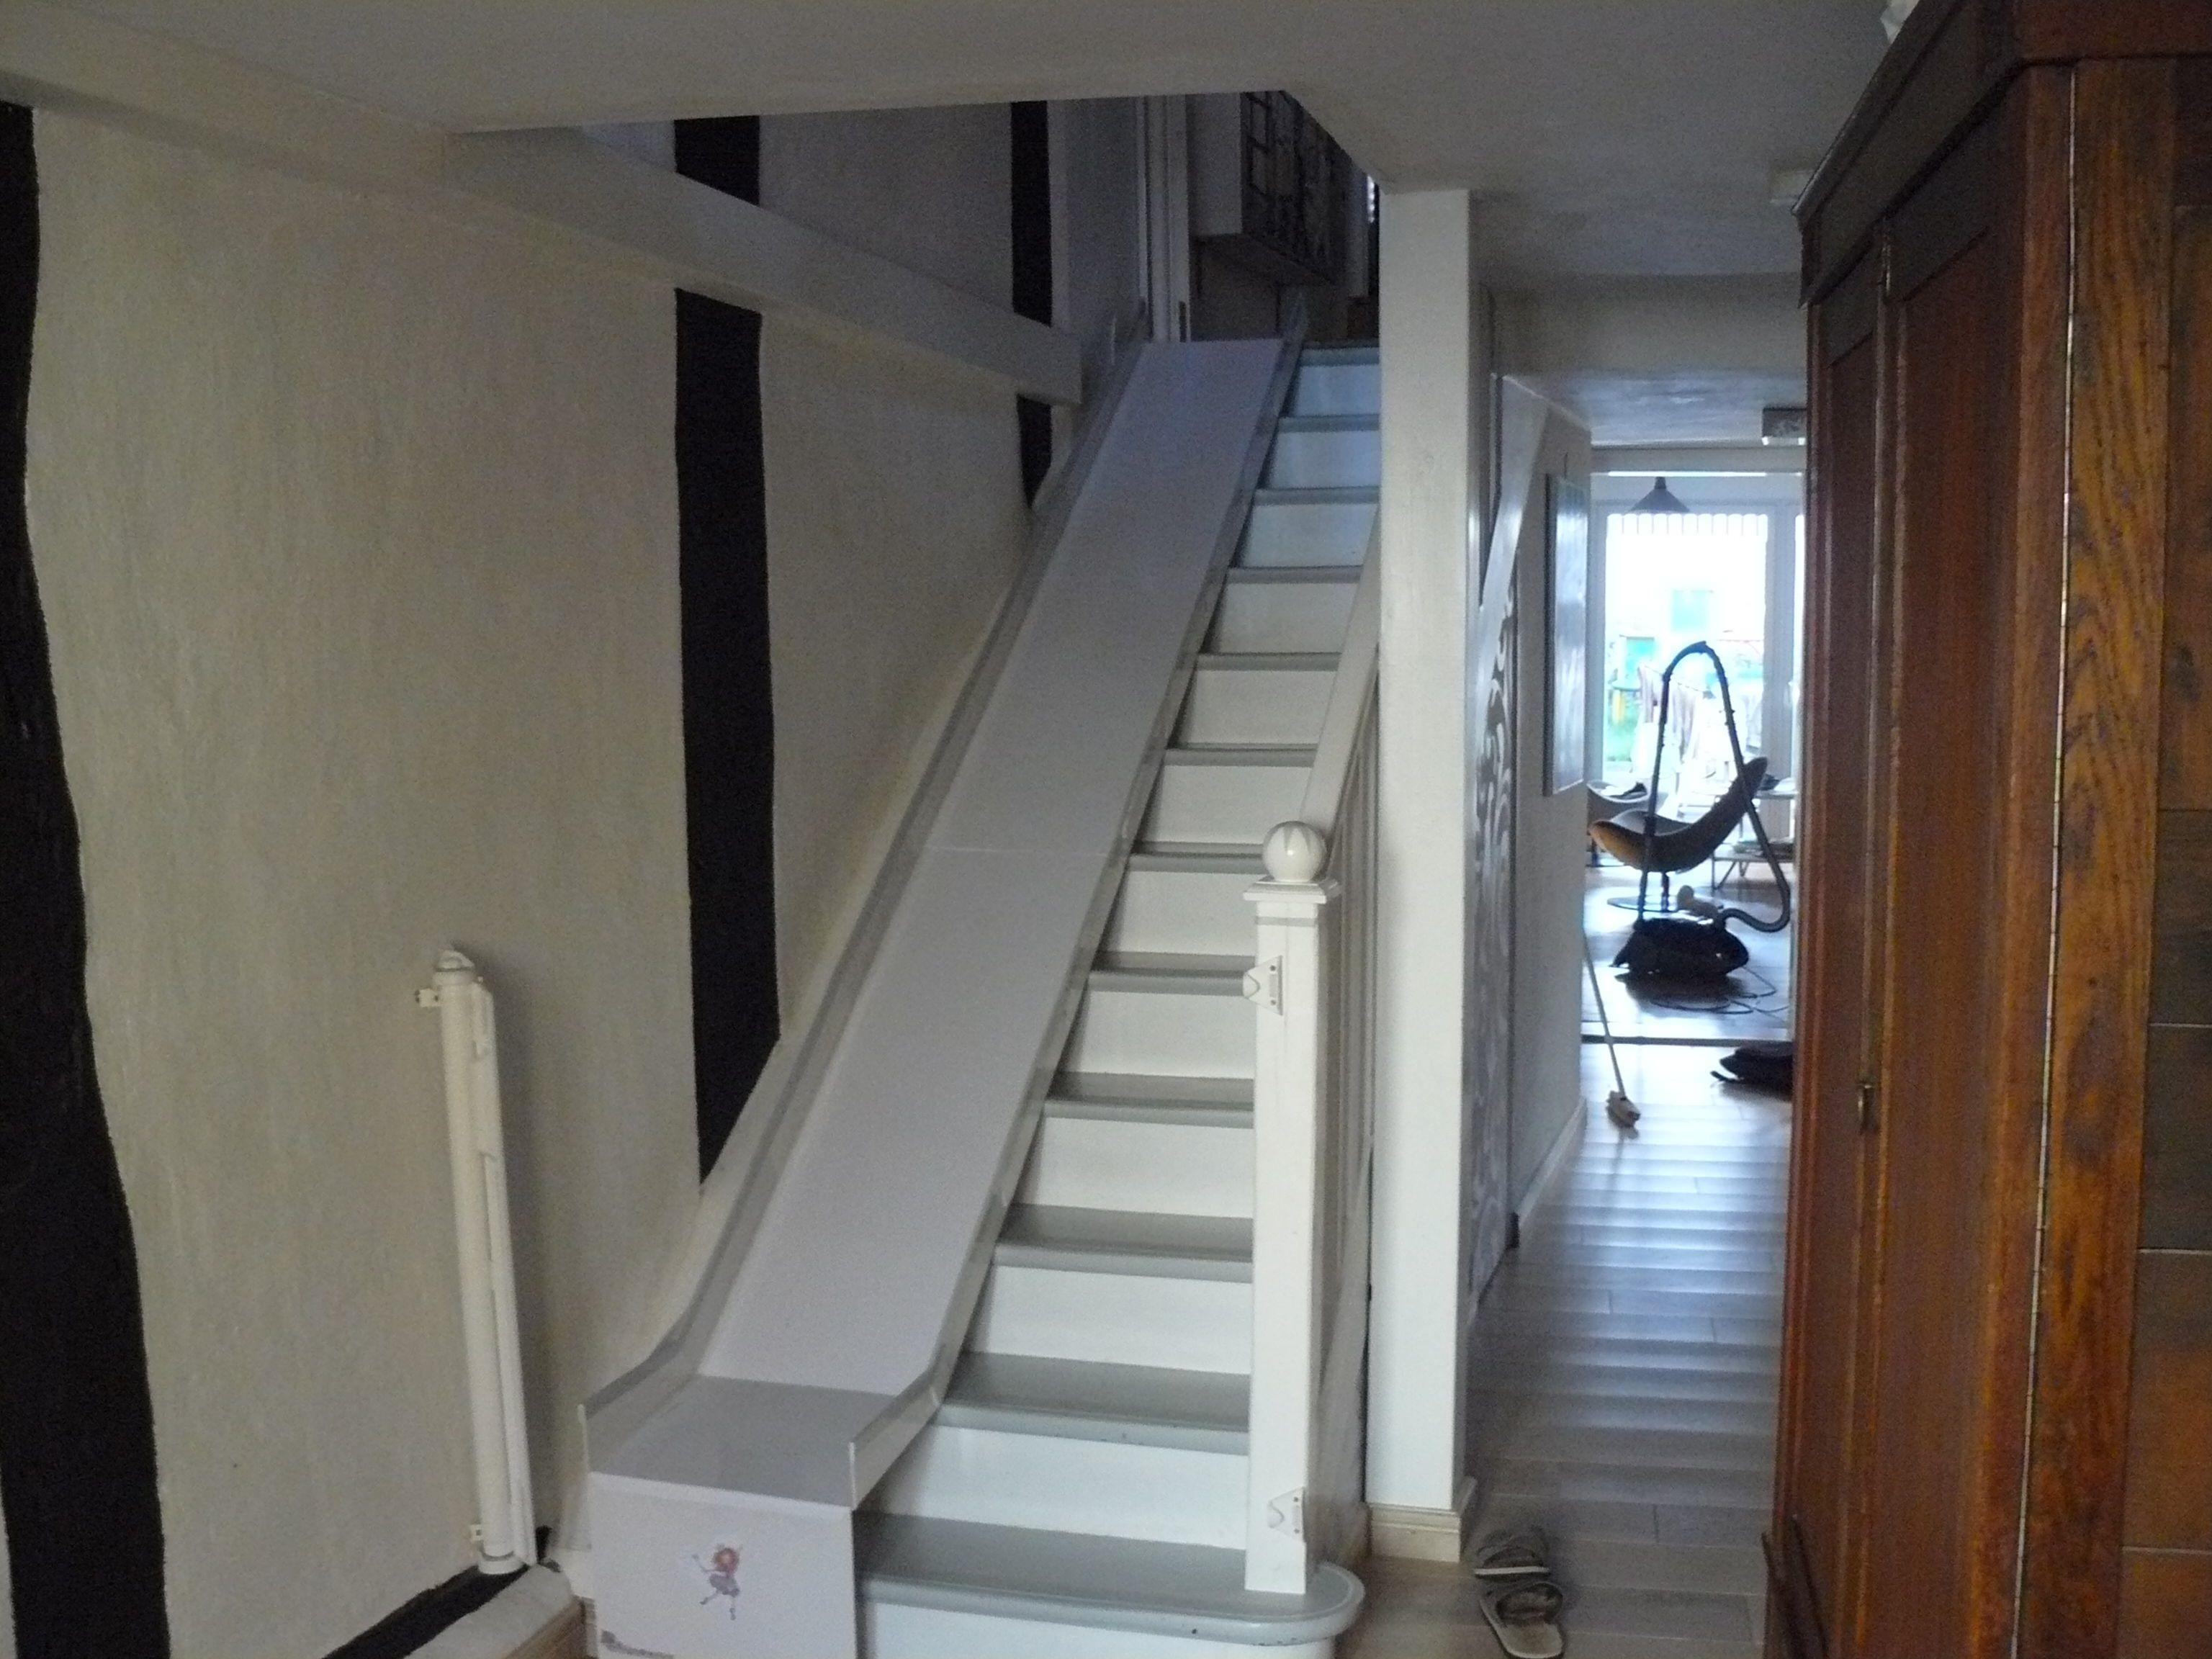 Treppenrutsche Schrank Unter Treppe Treppe Kaufen Treppenrutsche